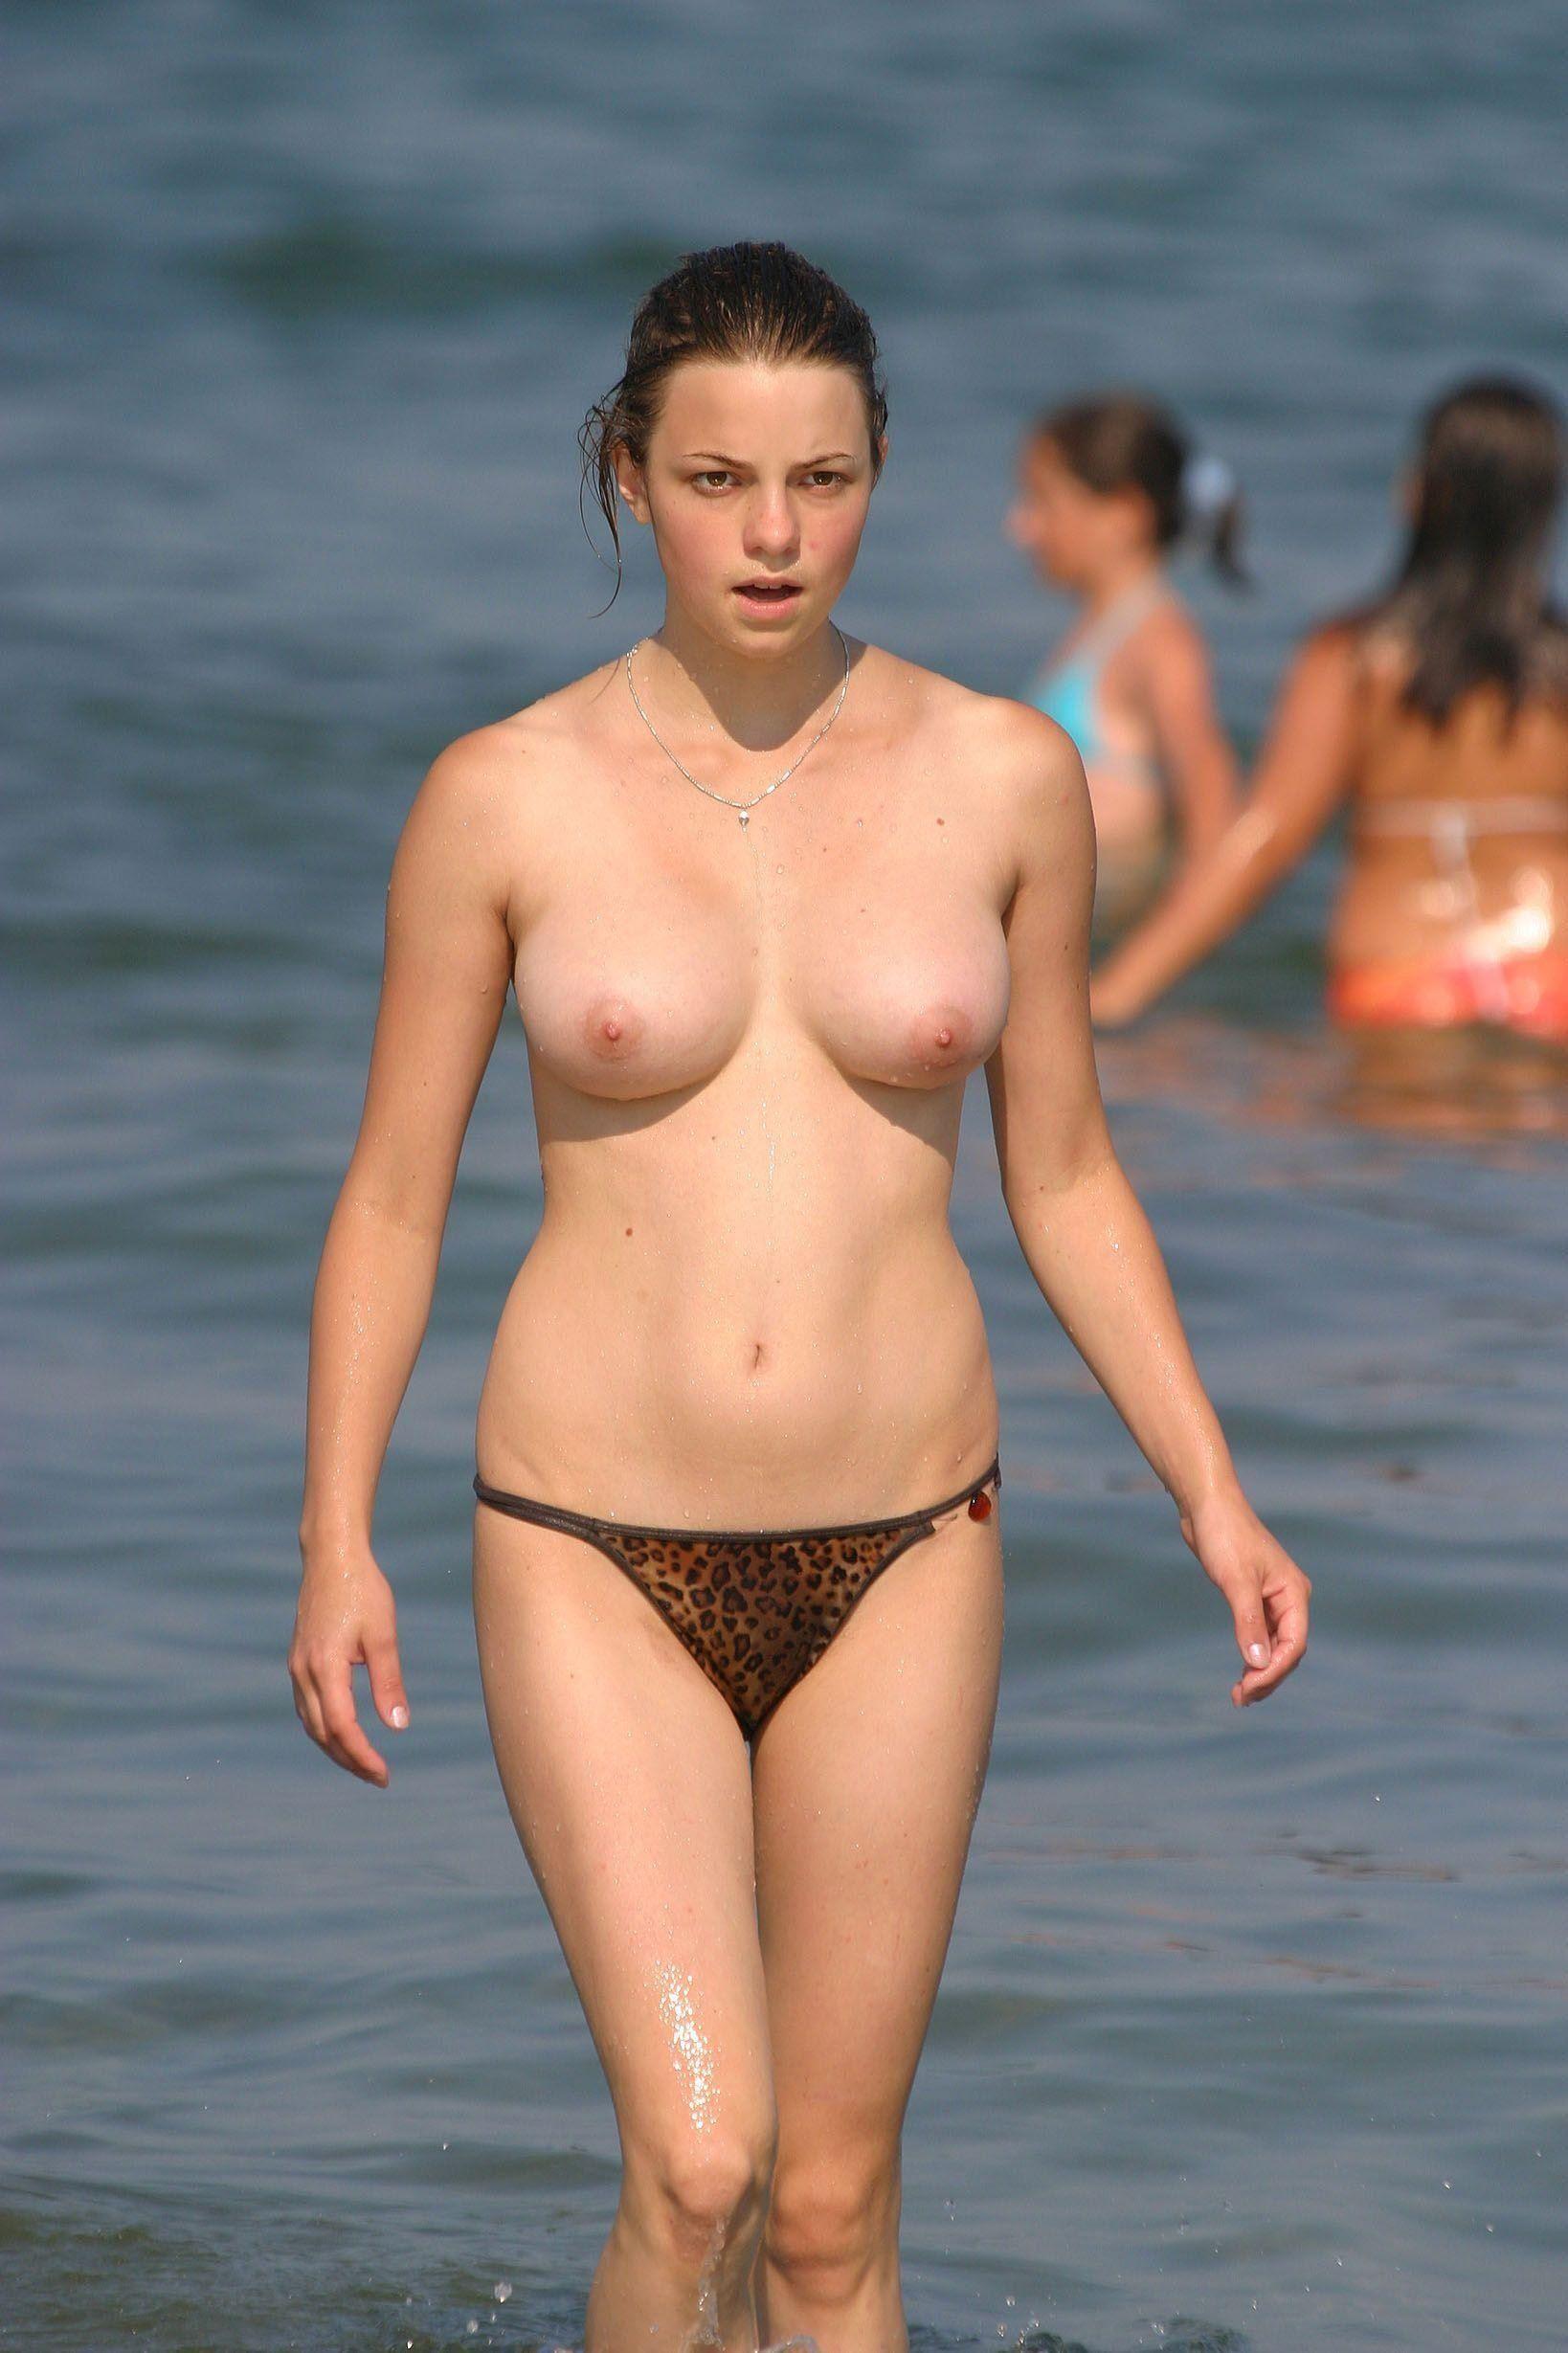 【外人】張りのある形の良い美乳おっぱいをさらけ出すヌーディストビーチの素人娘のポルノ画像 521